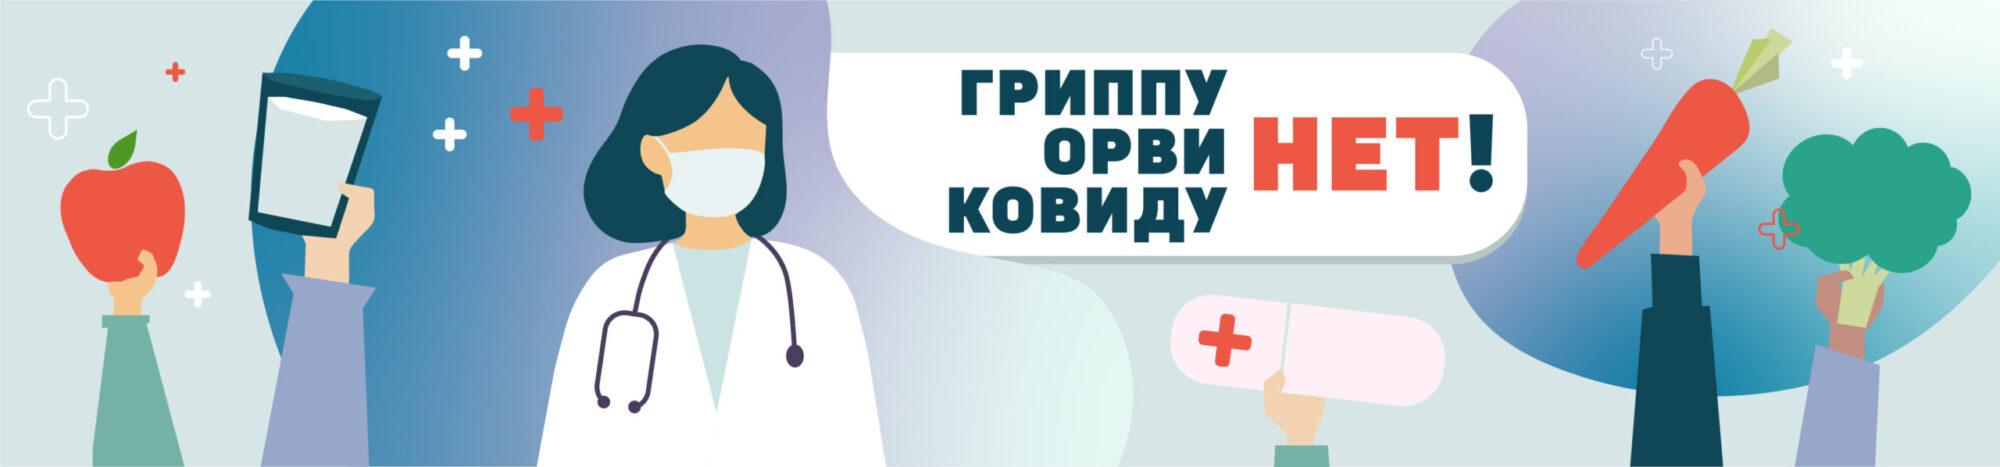 Баня при орви и коронавирусе covid 19: можно ли мыться и париться при вирусном заболевании и гриппе